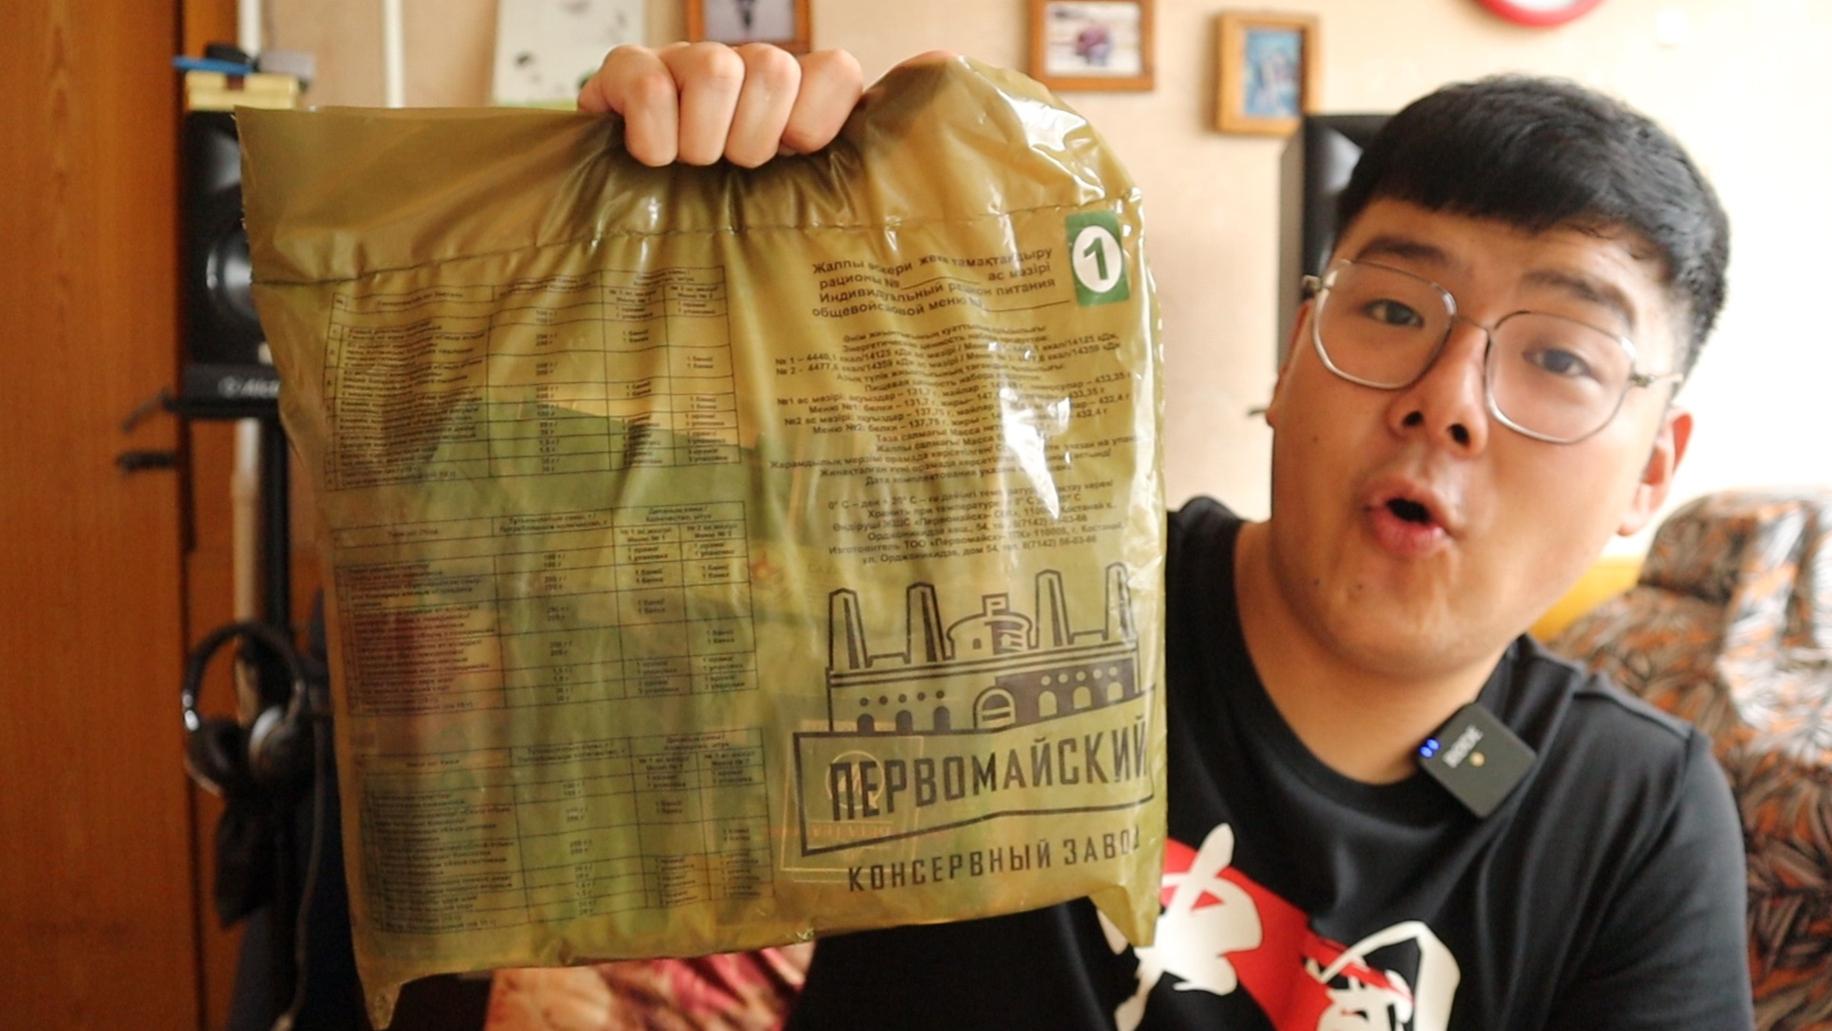 128元买的哈萨克斯坦军粮,打开满满都是肉,真的好吃吗?